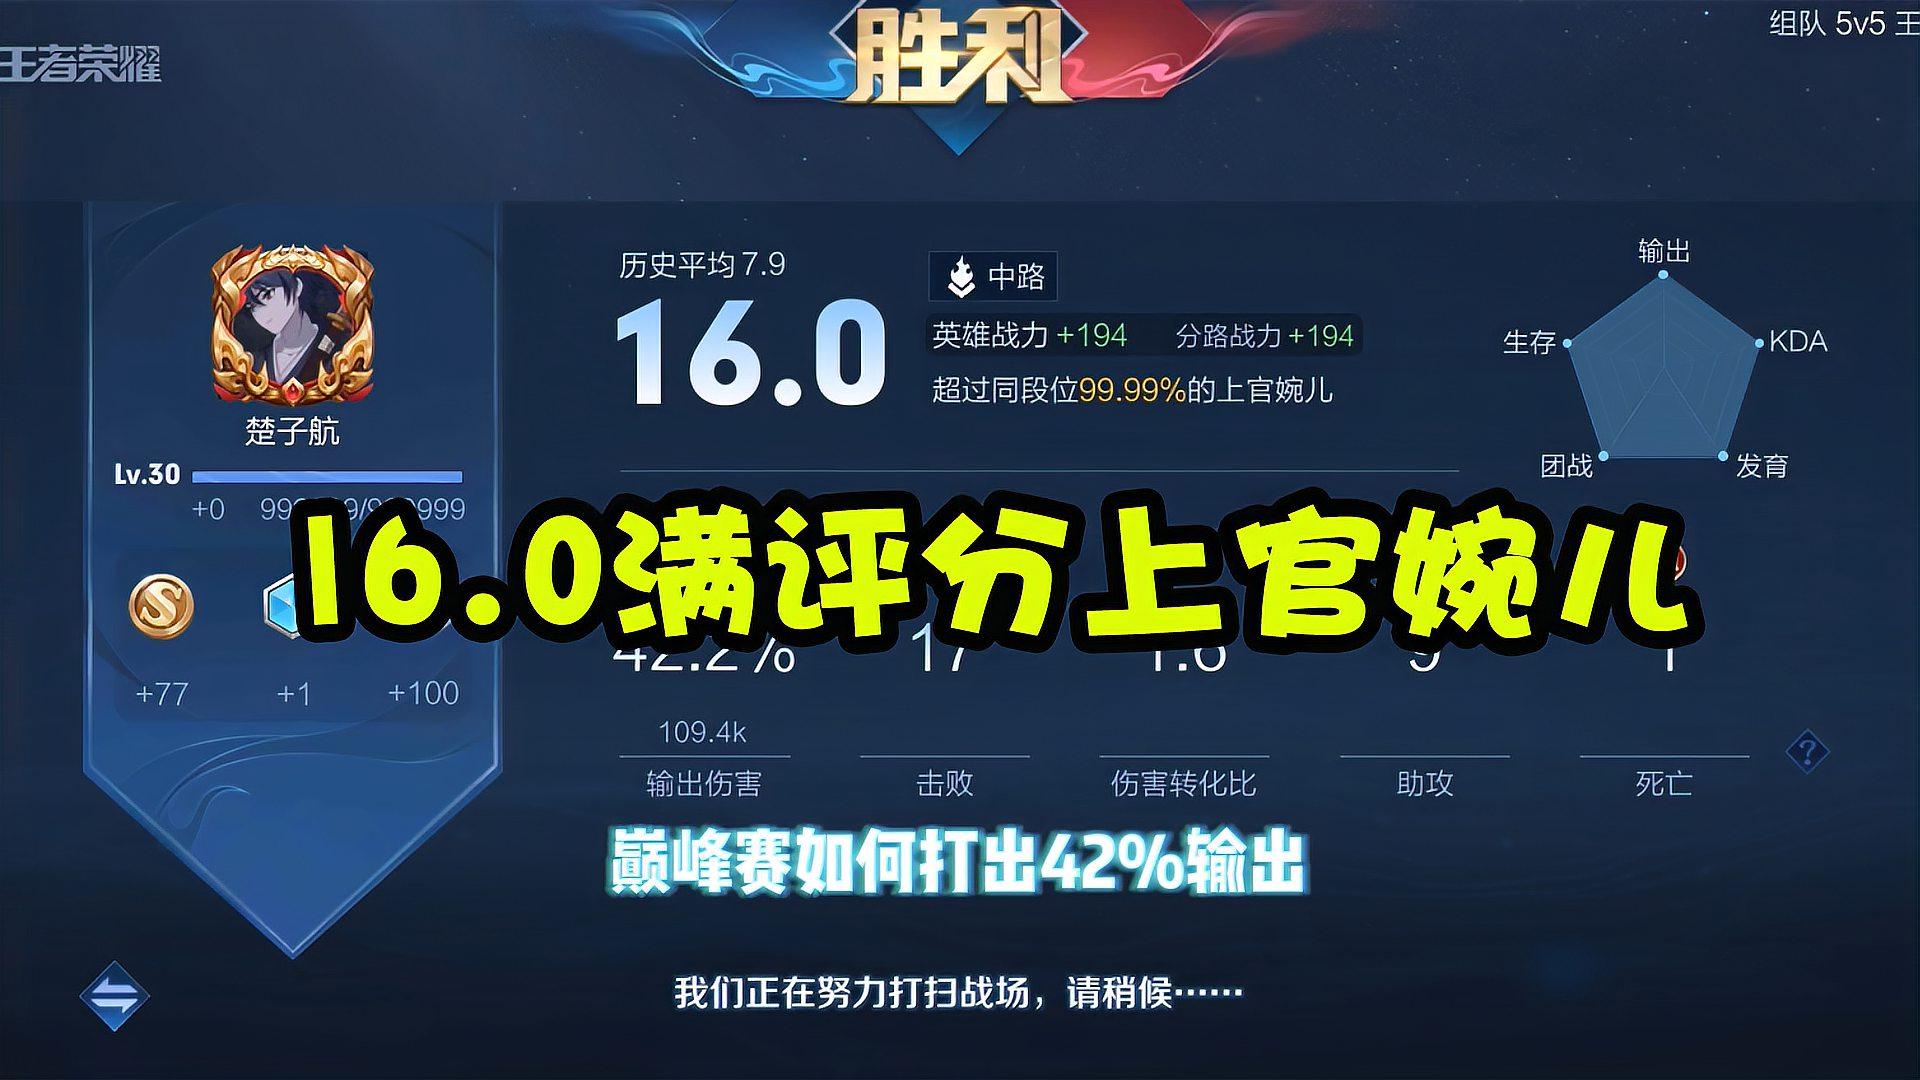 王者荣耀:巅峰赛打满评分的婉儿,超过同段位99%的玩家